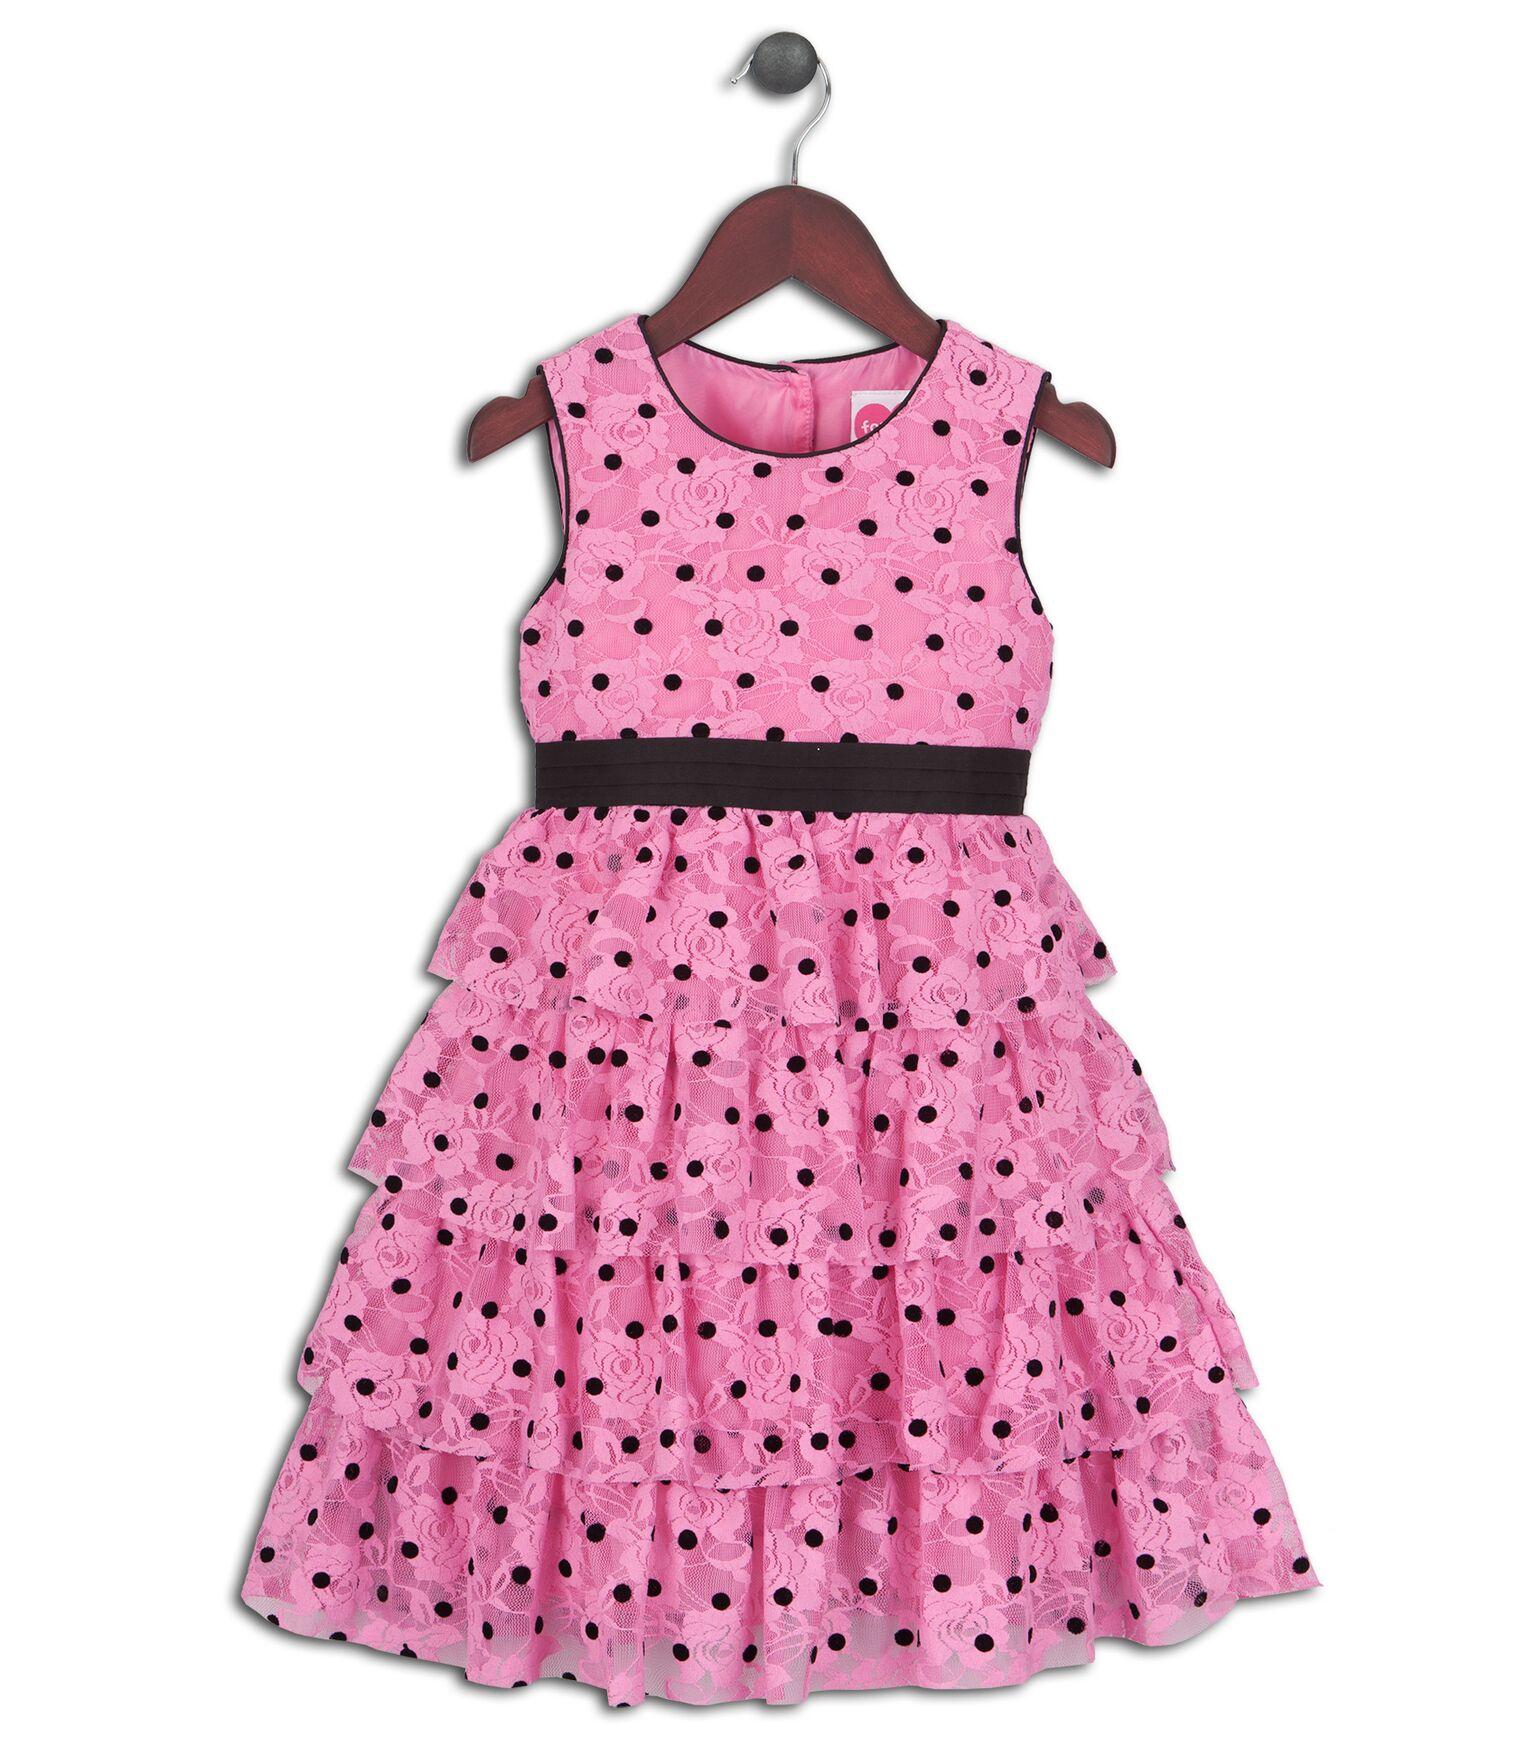 Joe and Ella Fashion Dievčenské šaty Rose bodkované - ružové 2b4b1ffc76a